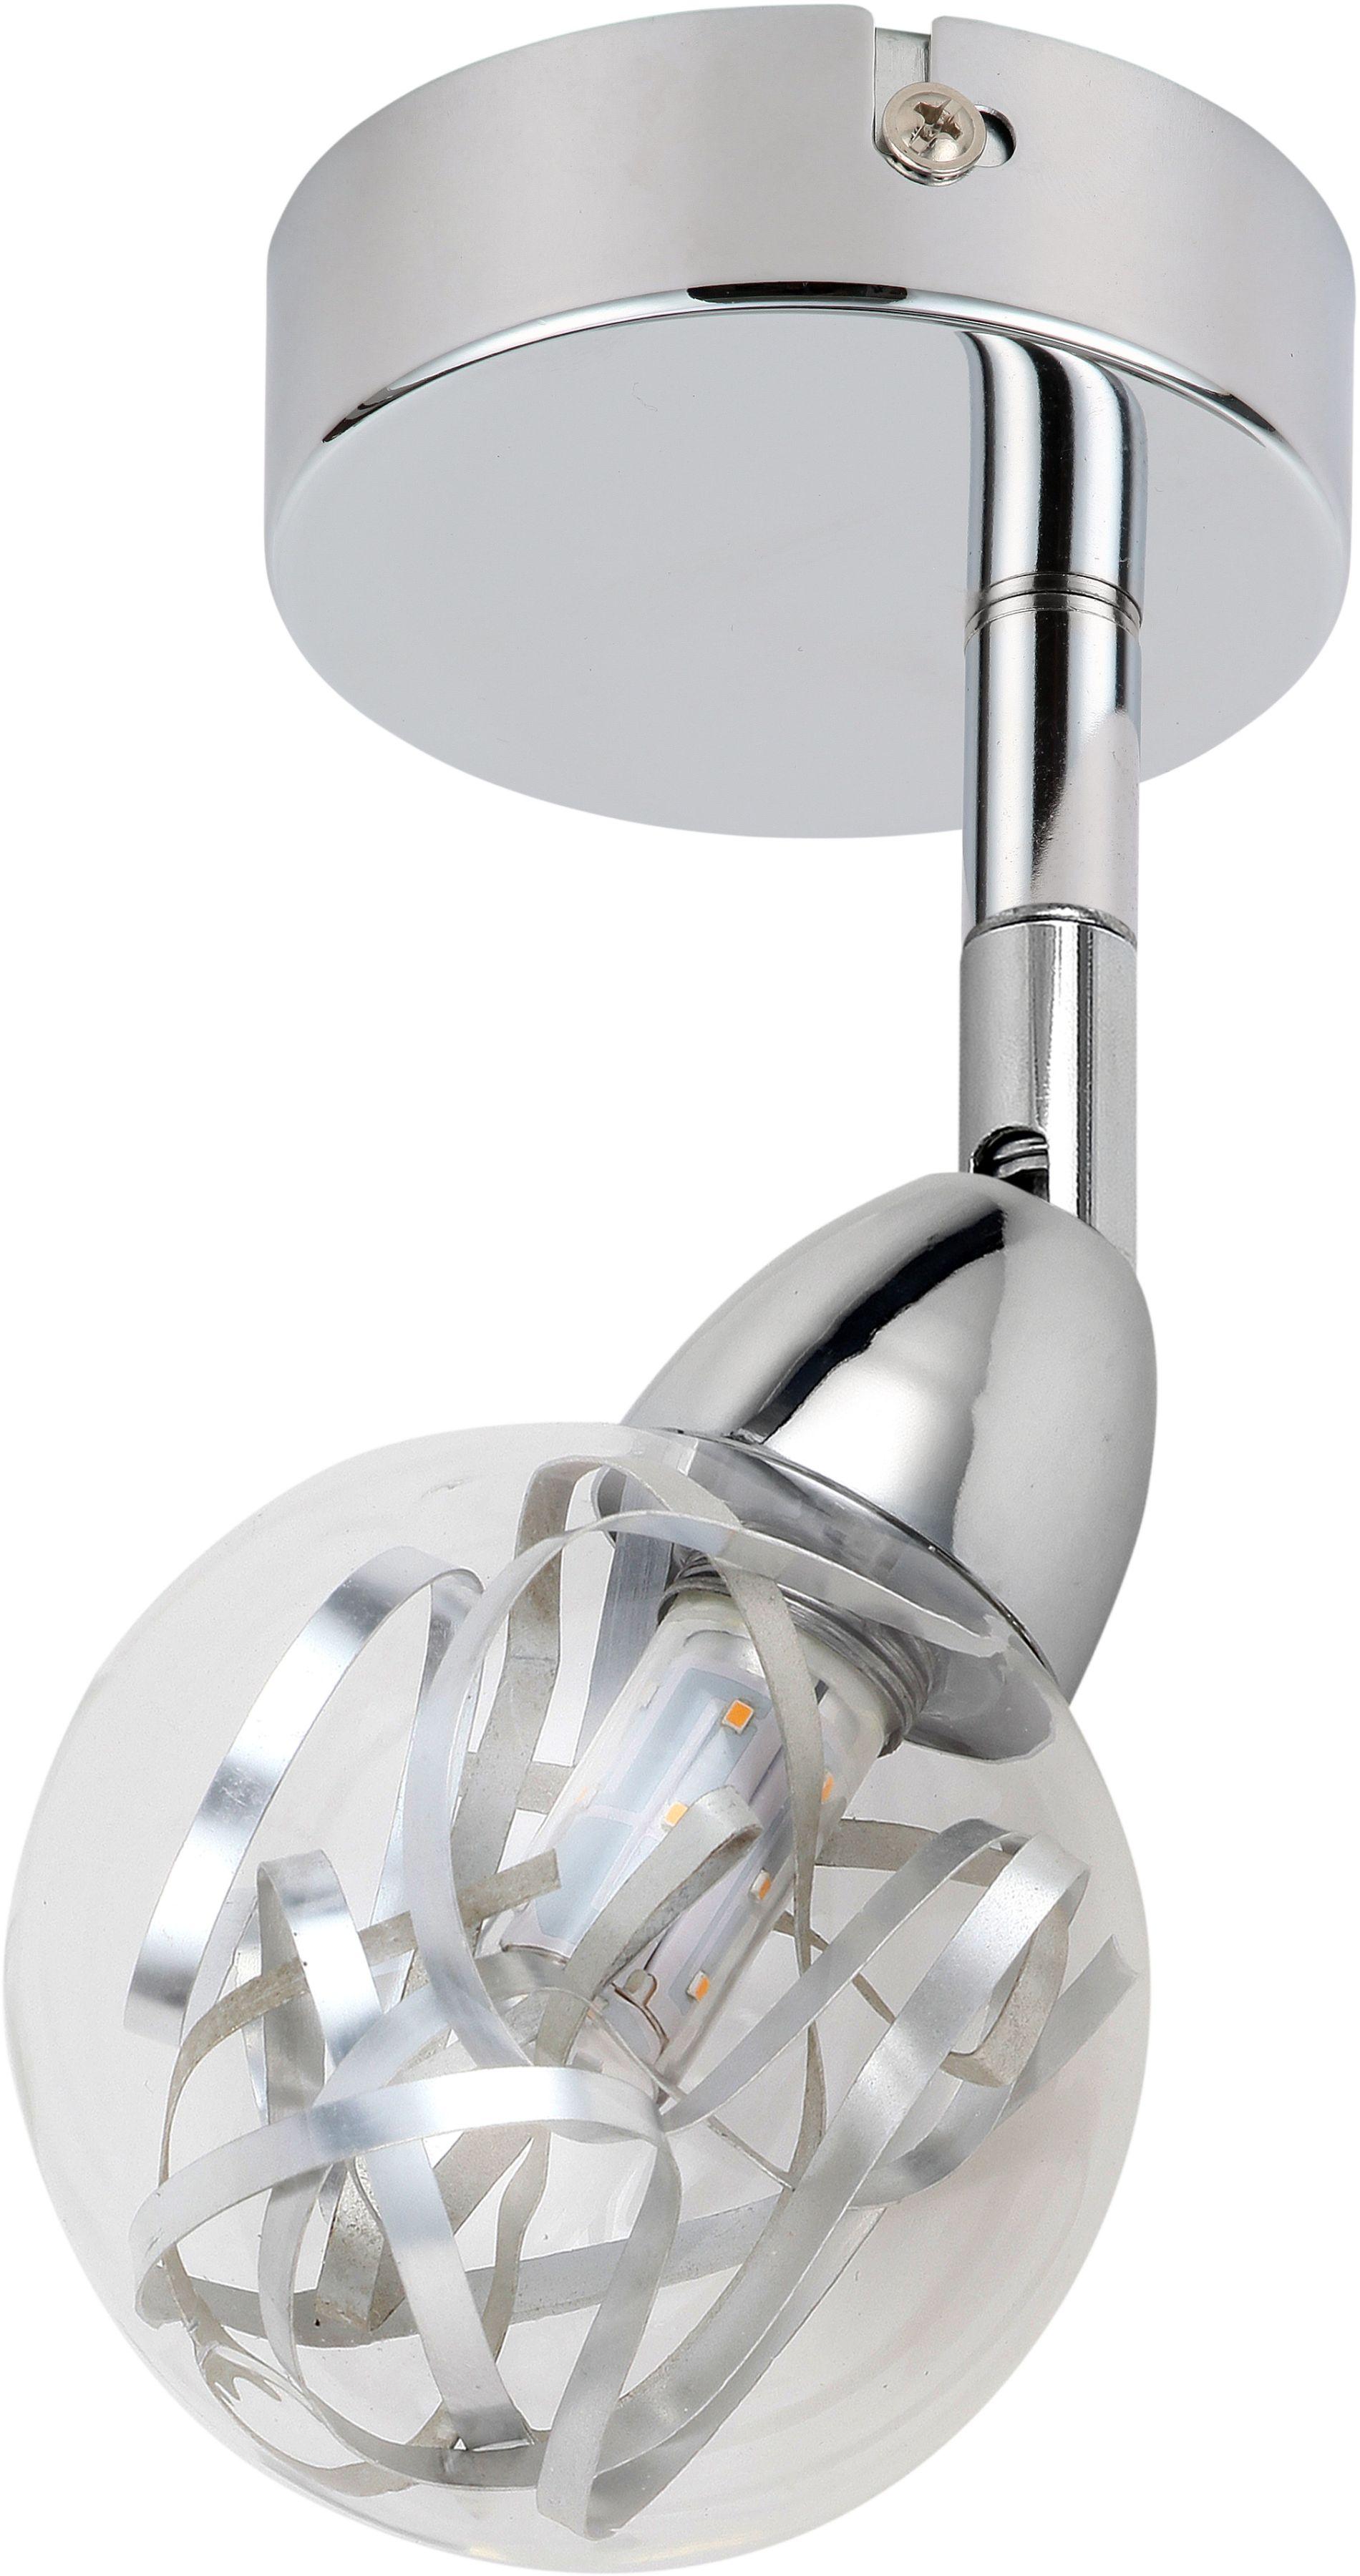 Candellux BOLO 91-67517 kinkiet lampa ścienna główka okrągła 1X6W LED SMD chrom 9cm